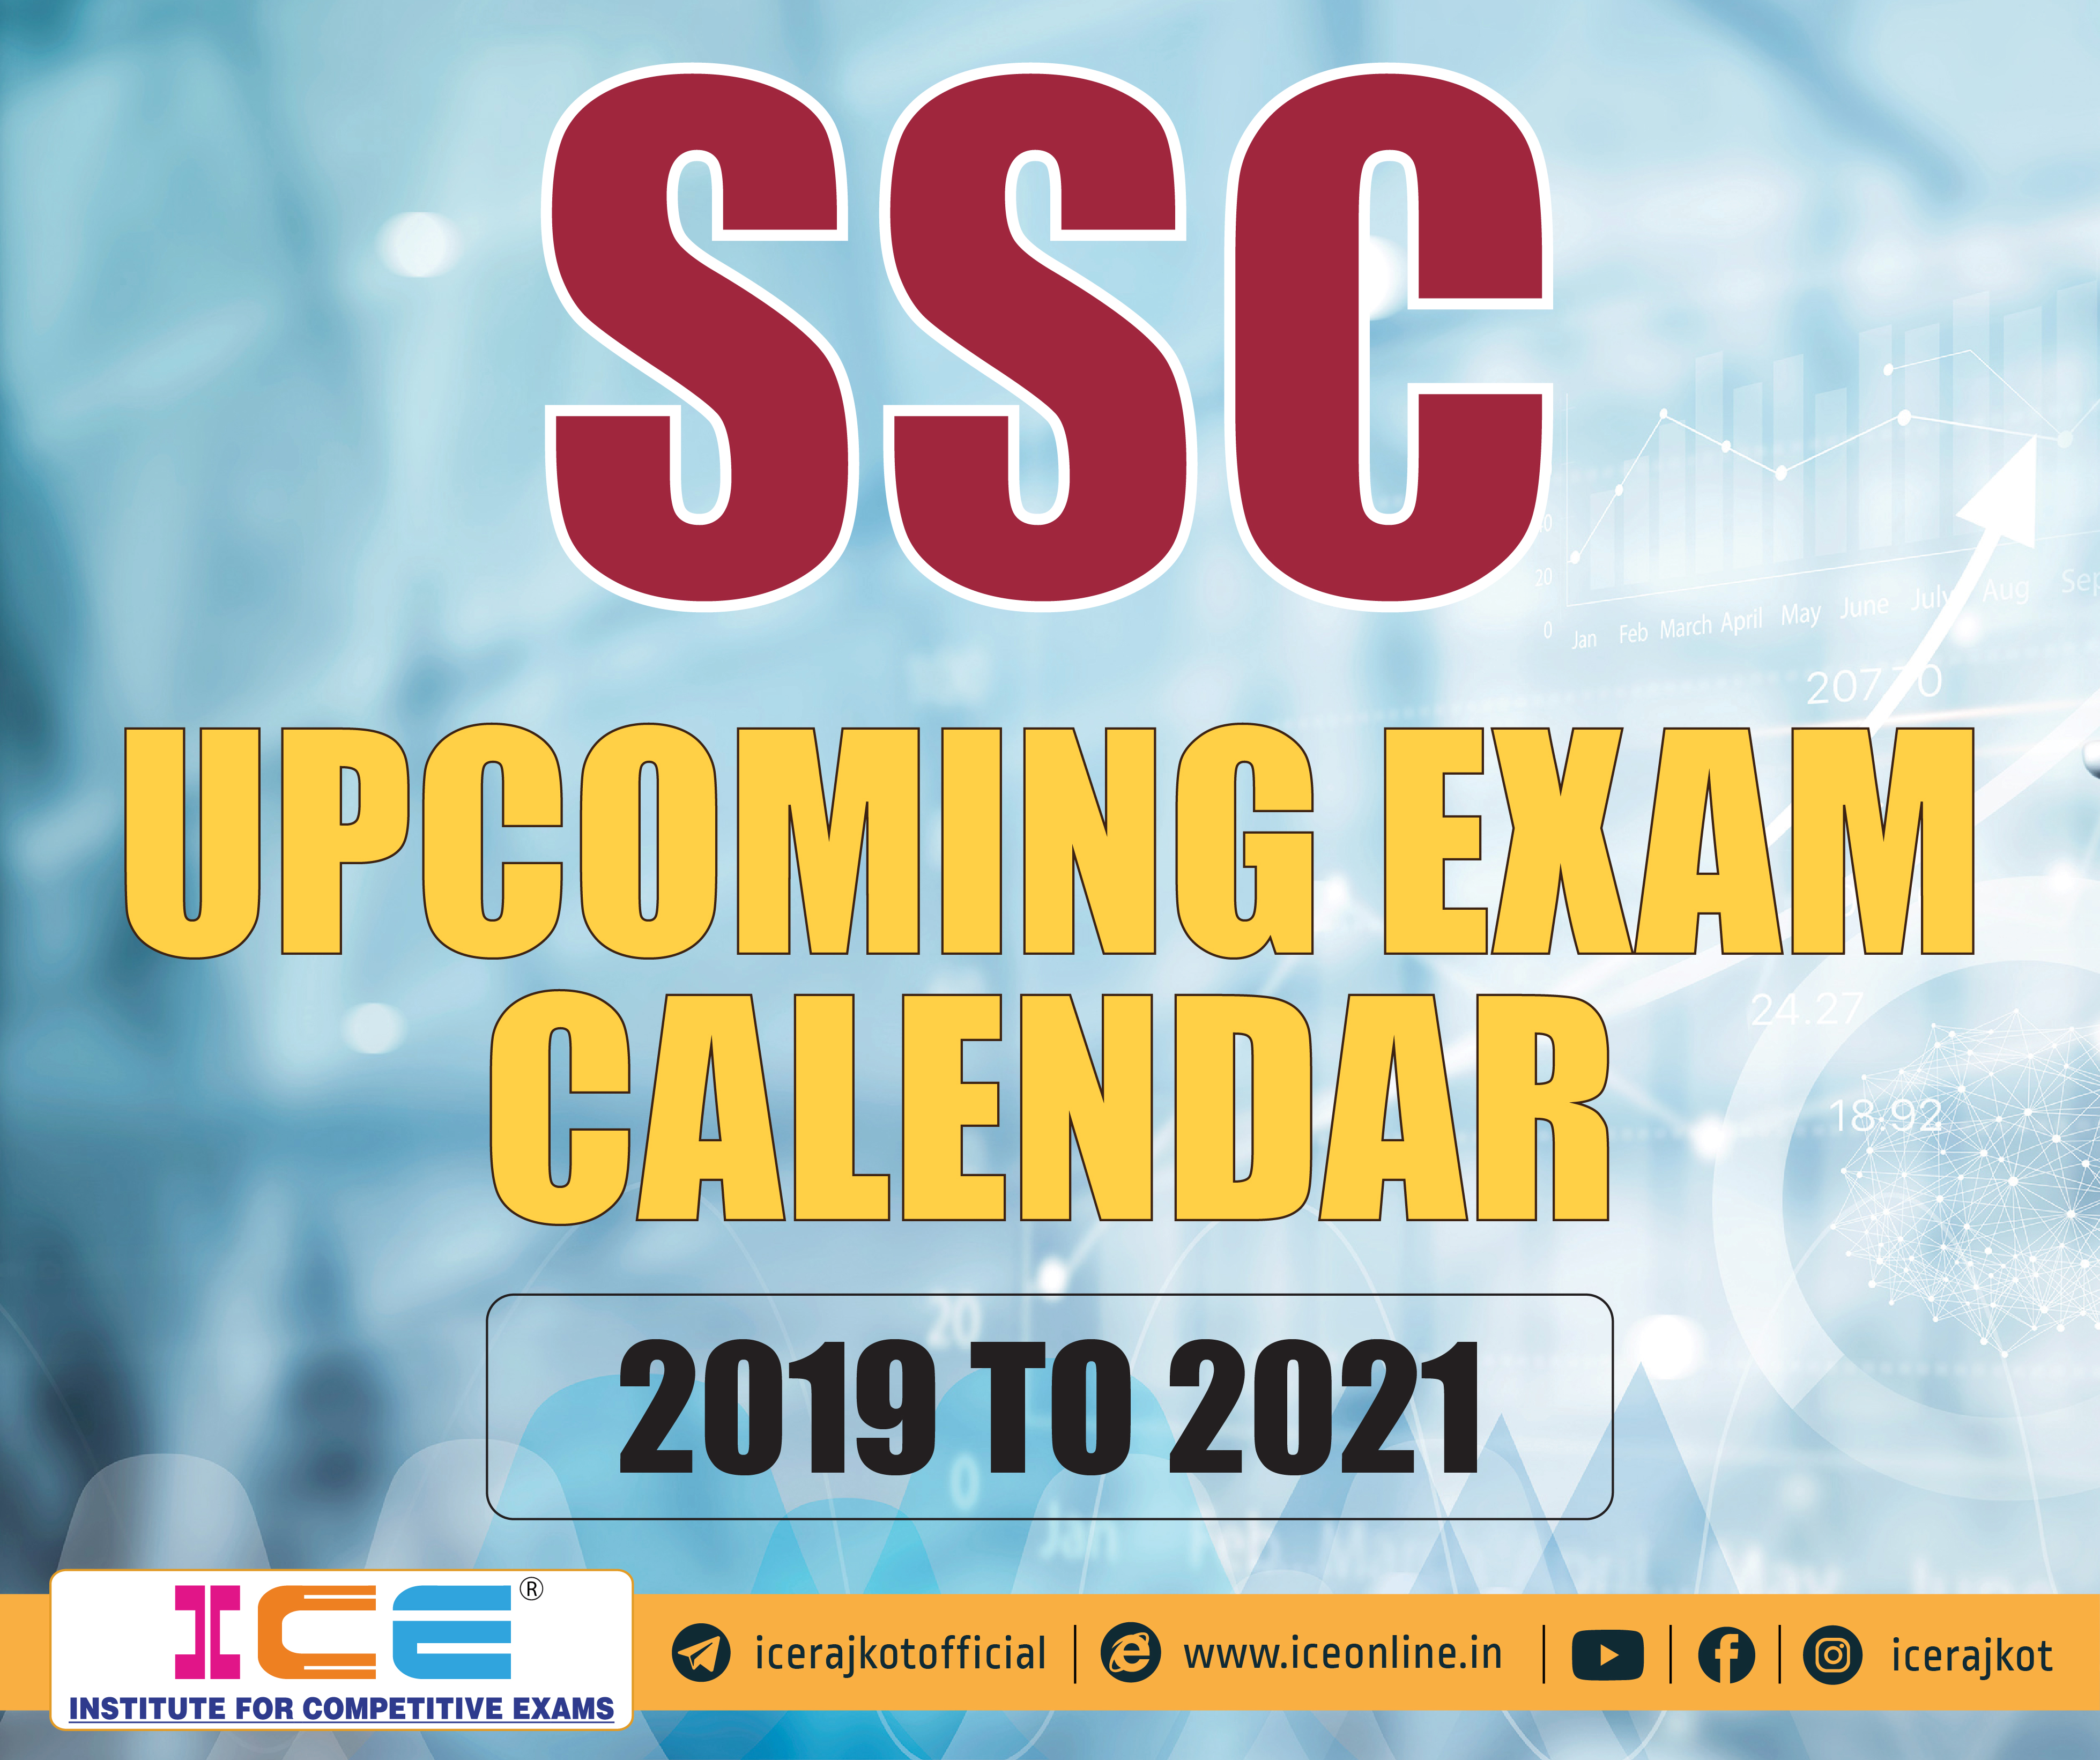 SSC Upcoming Exam Calendar For 2019 TO 2021